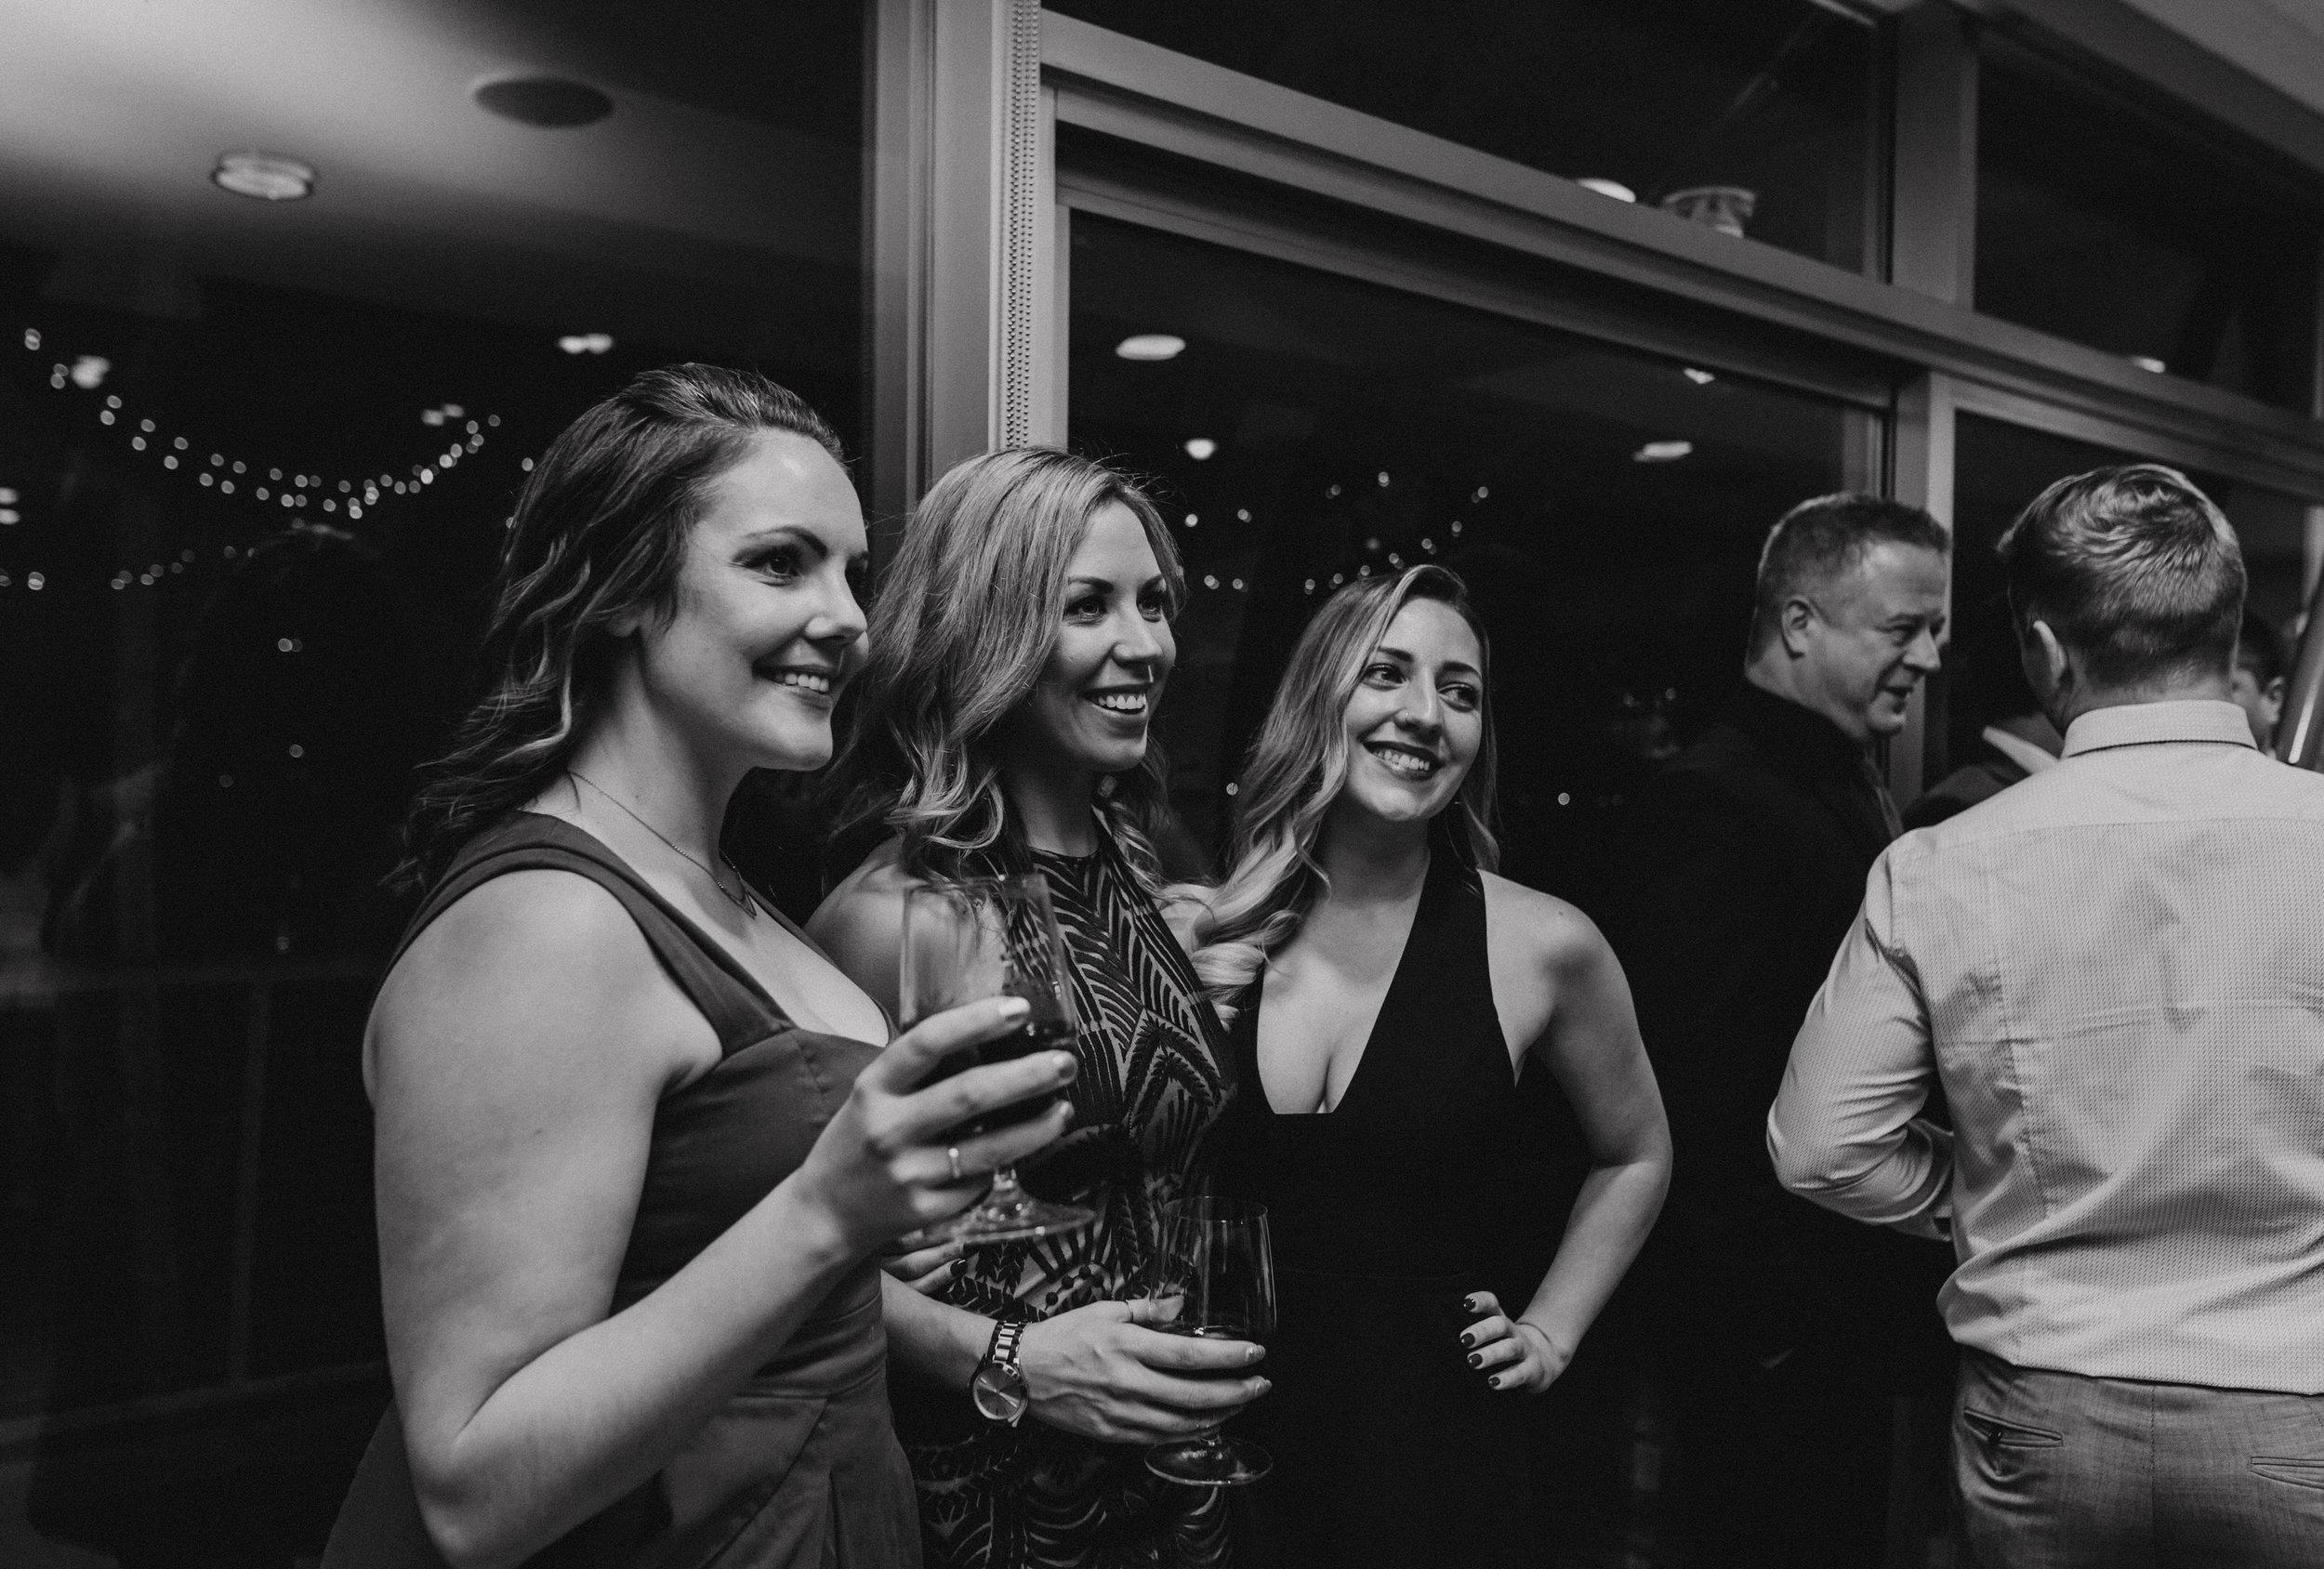 Vancouver New Years Eve Wedding - UBC Boathouse Wedding - Kitsilano Wedding Photos - Vancouver Wedding Photographer - Vancouver Wedding Videographer - 926.JPG